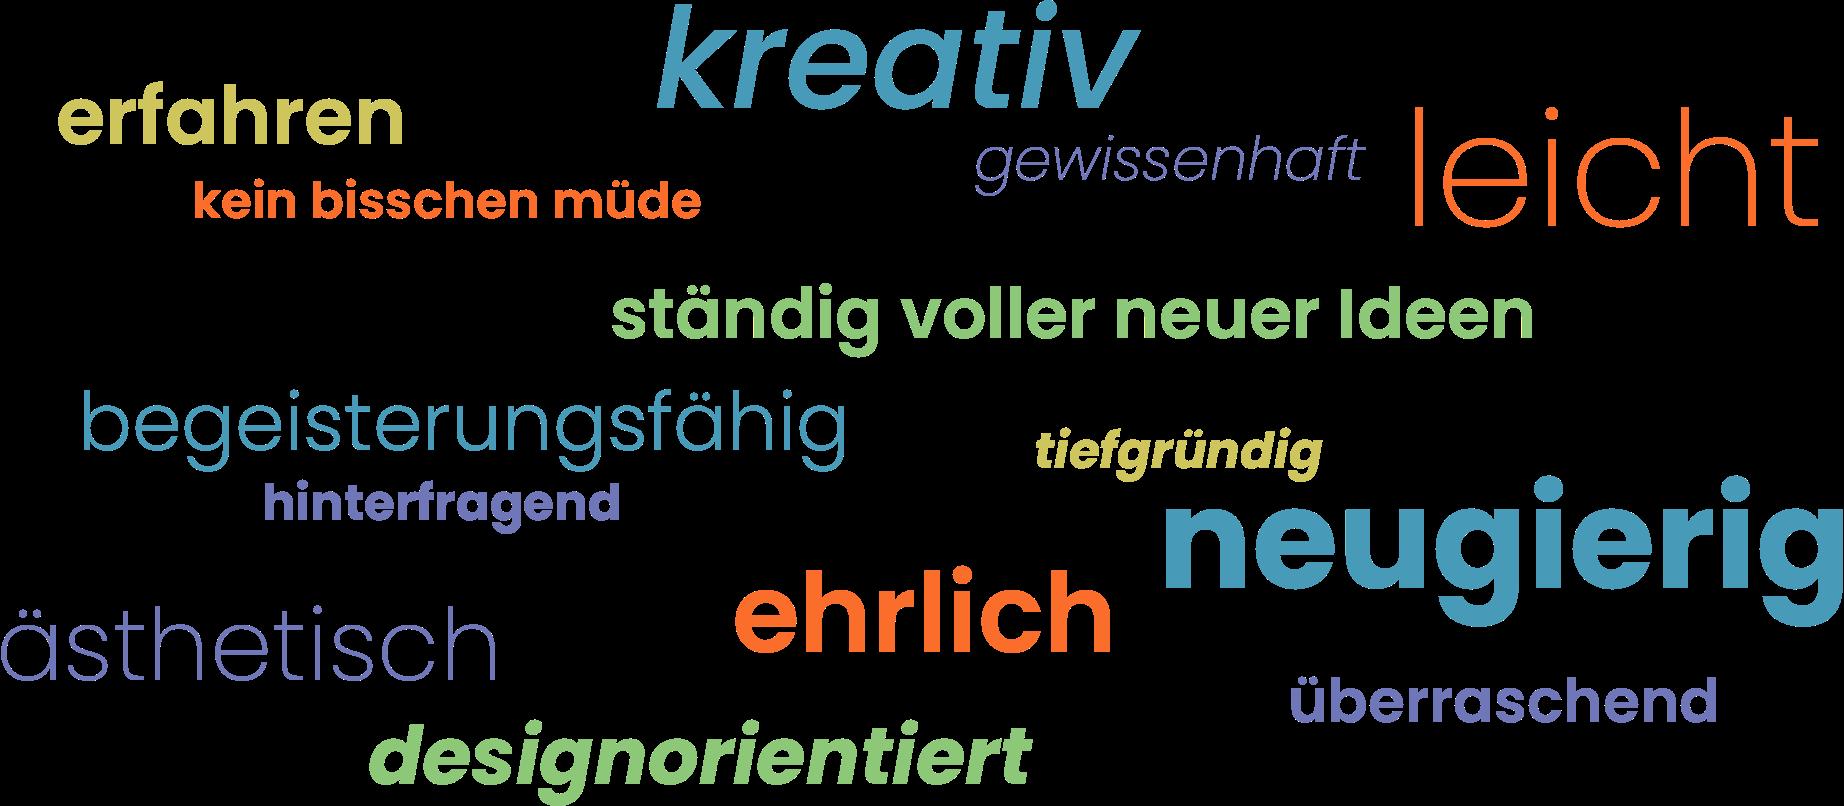 Wortwolke-Begriffe